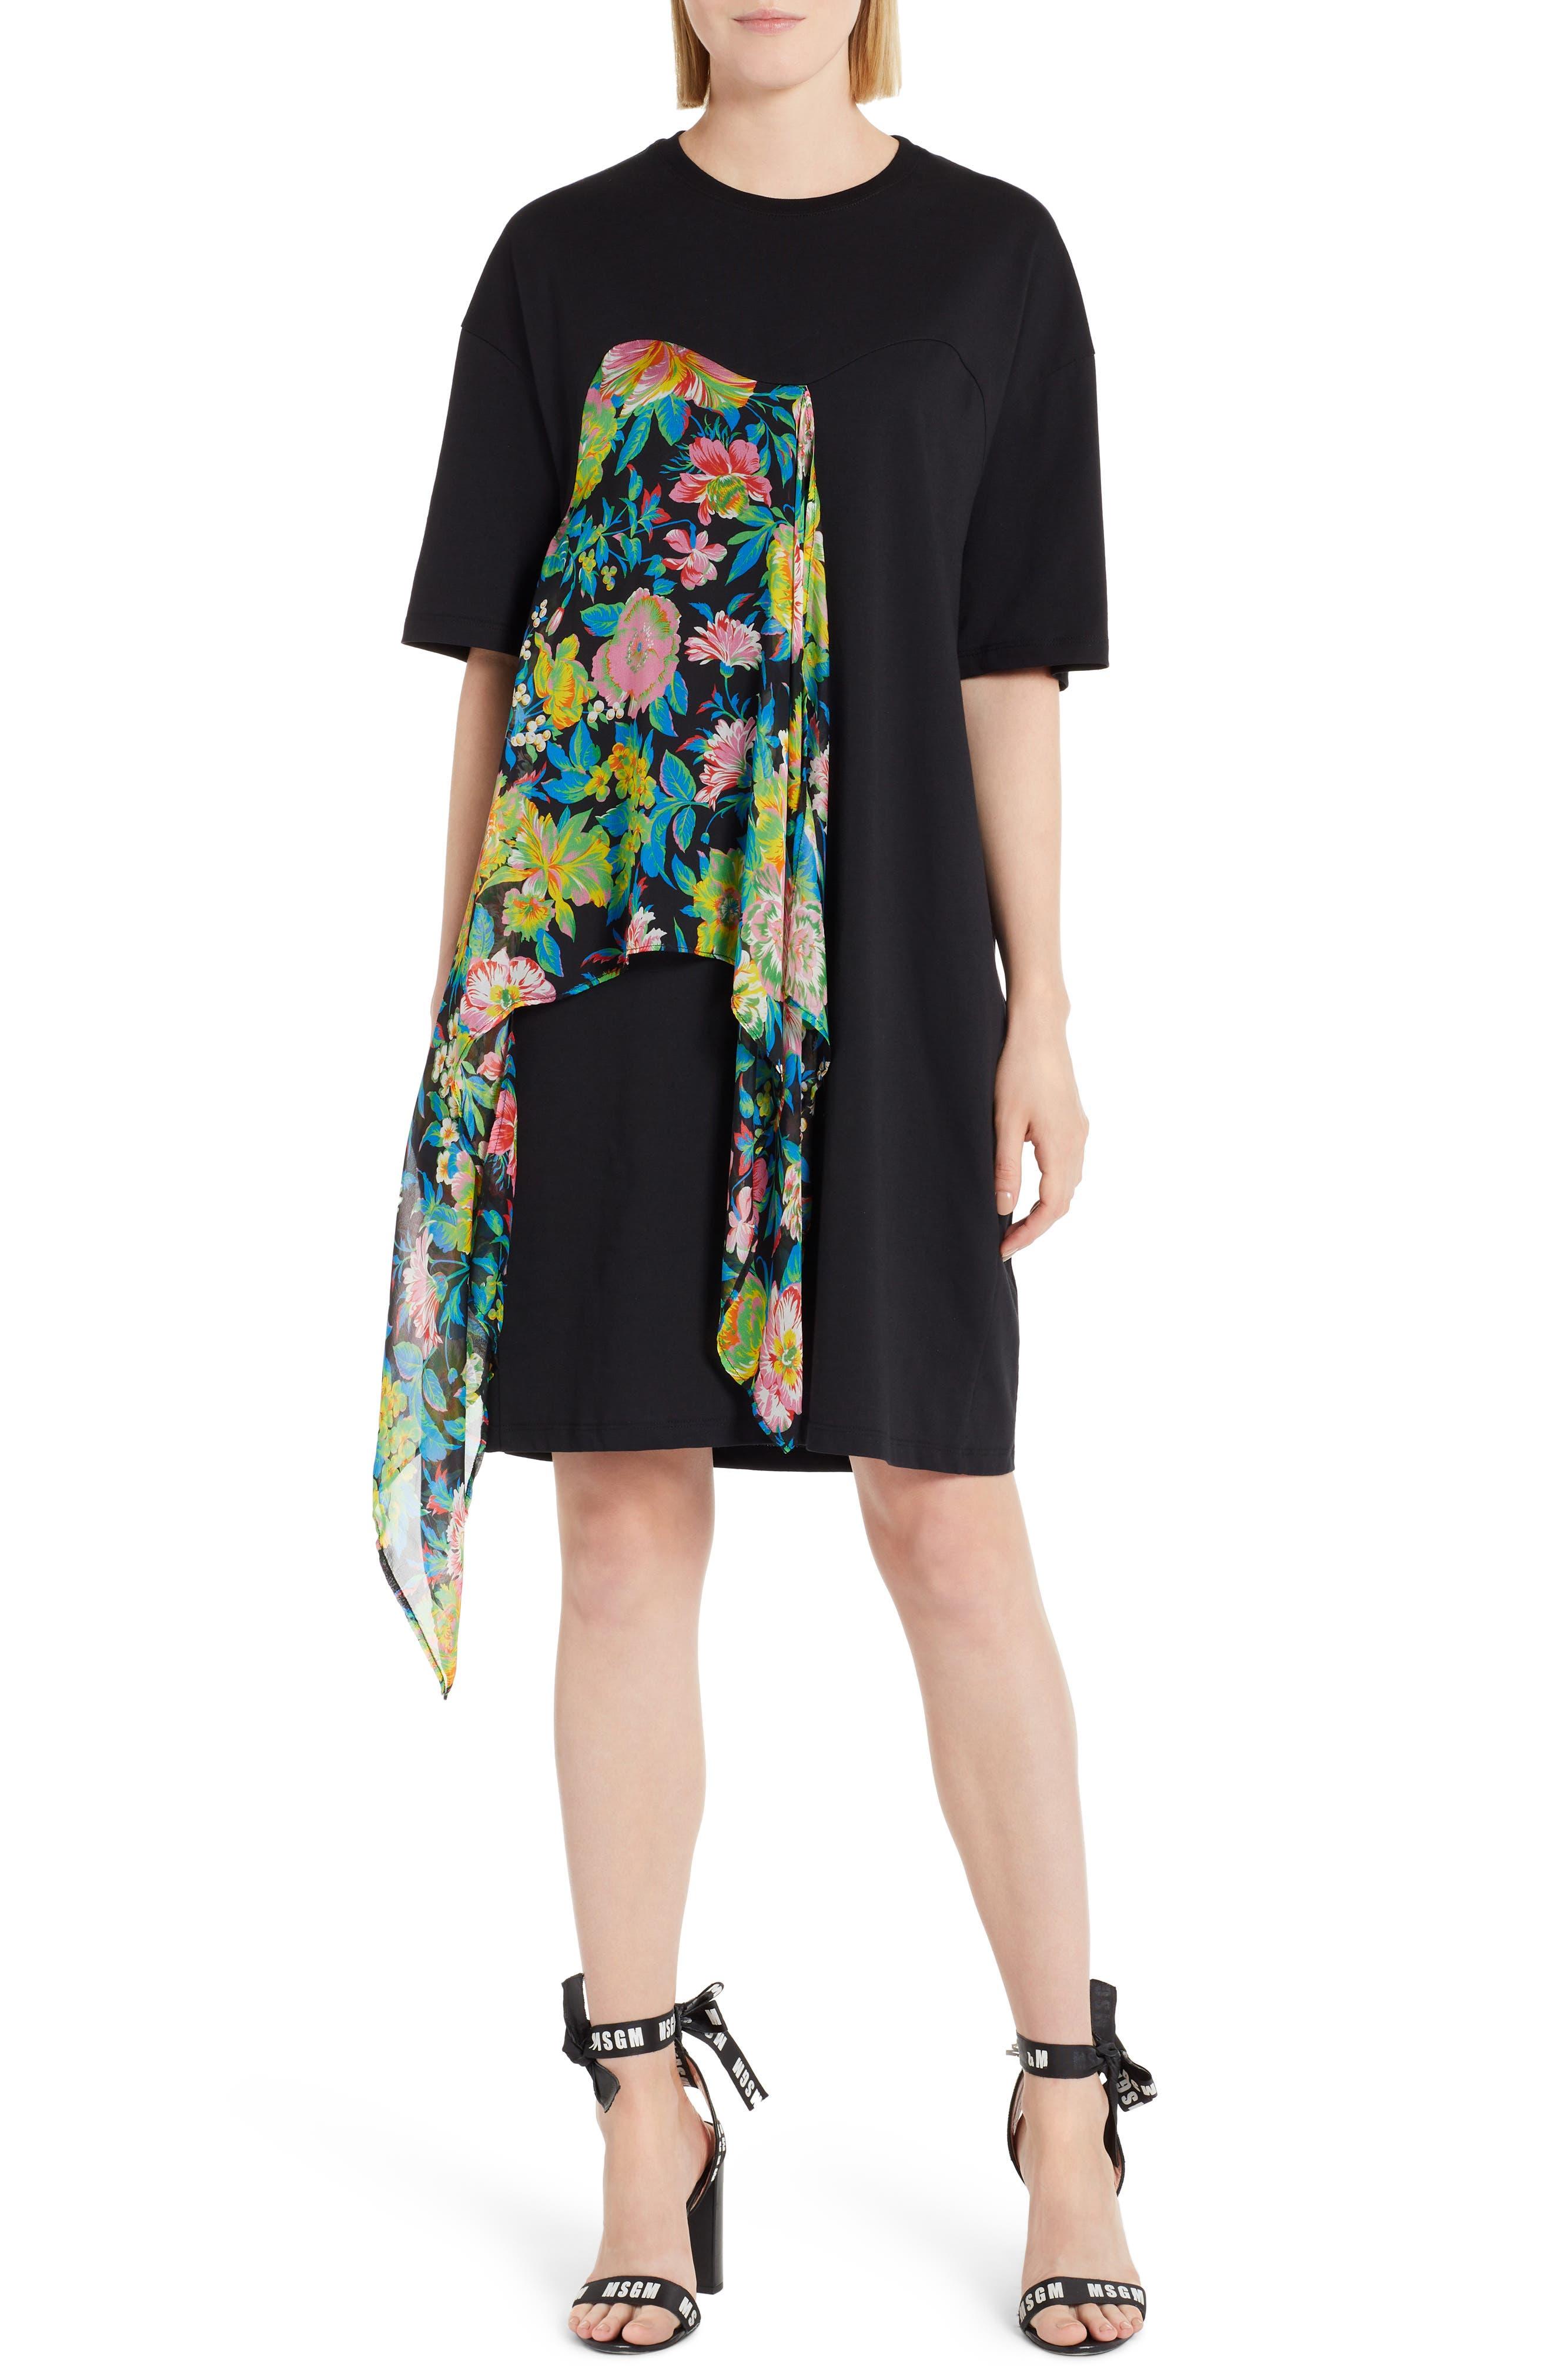 Alternate Image 1 Selected - MSGM Chiffon Panel T-Shirt Dress